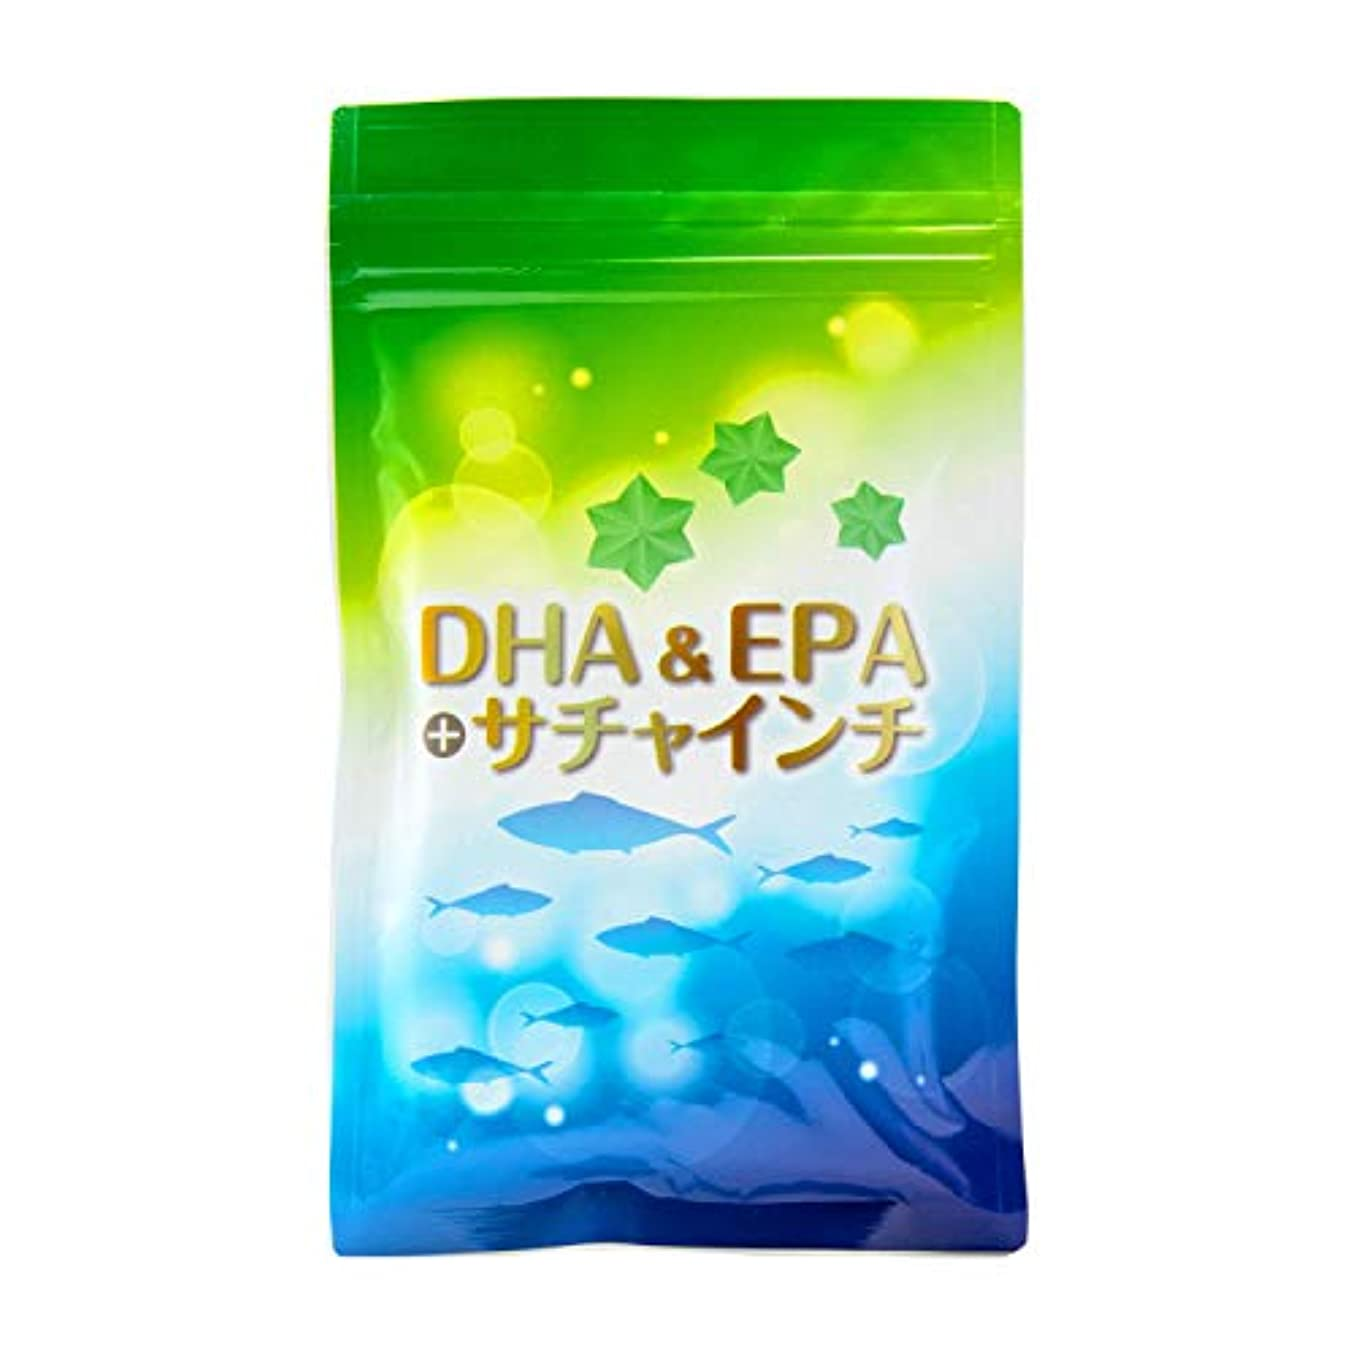 インフルエンザ威するレギュラーバイオサプリ DHA&EPA+サチャインチ (3袋/約3ヶ月分)